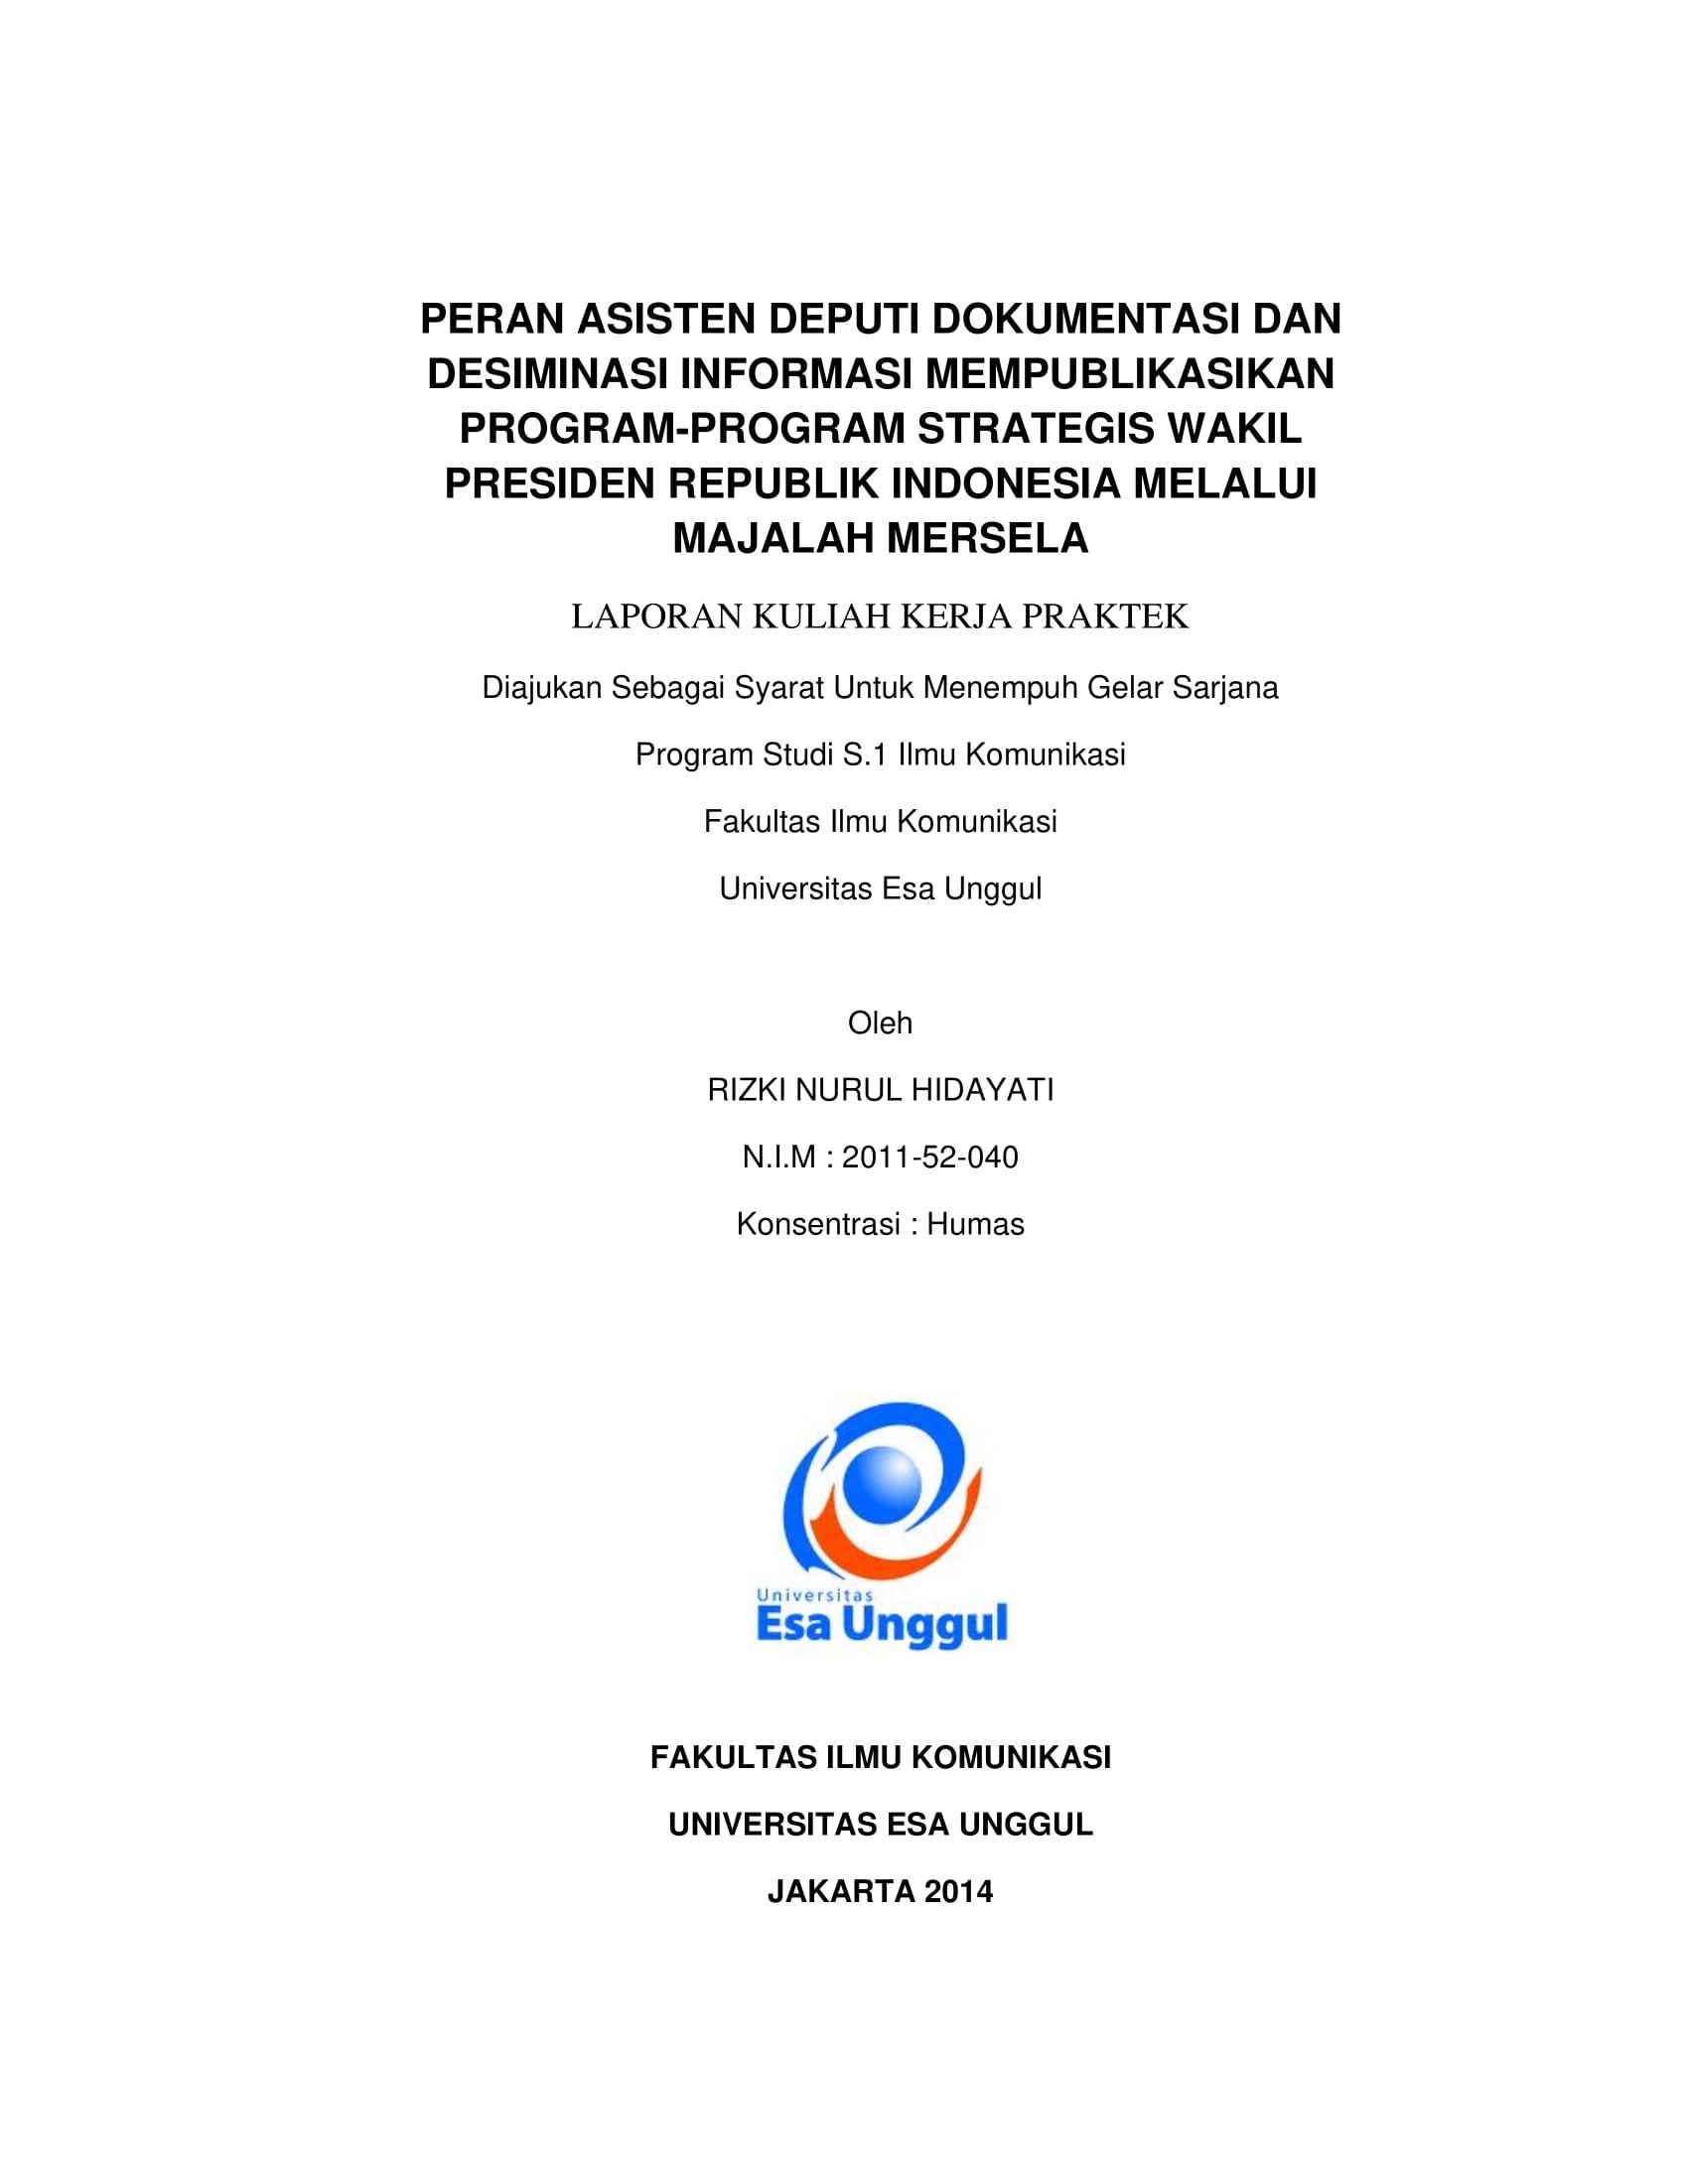 Peran Asisten Deputi Dokumentasi dan Desiminasi Informasi Mempublikasikan Program-Program Strategis Wakil Presiden Republik Indonesia Melalui Majalah Mersela